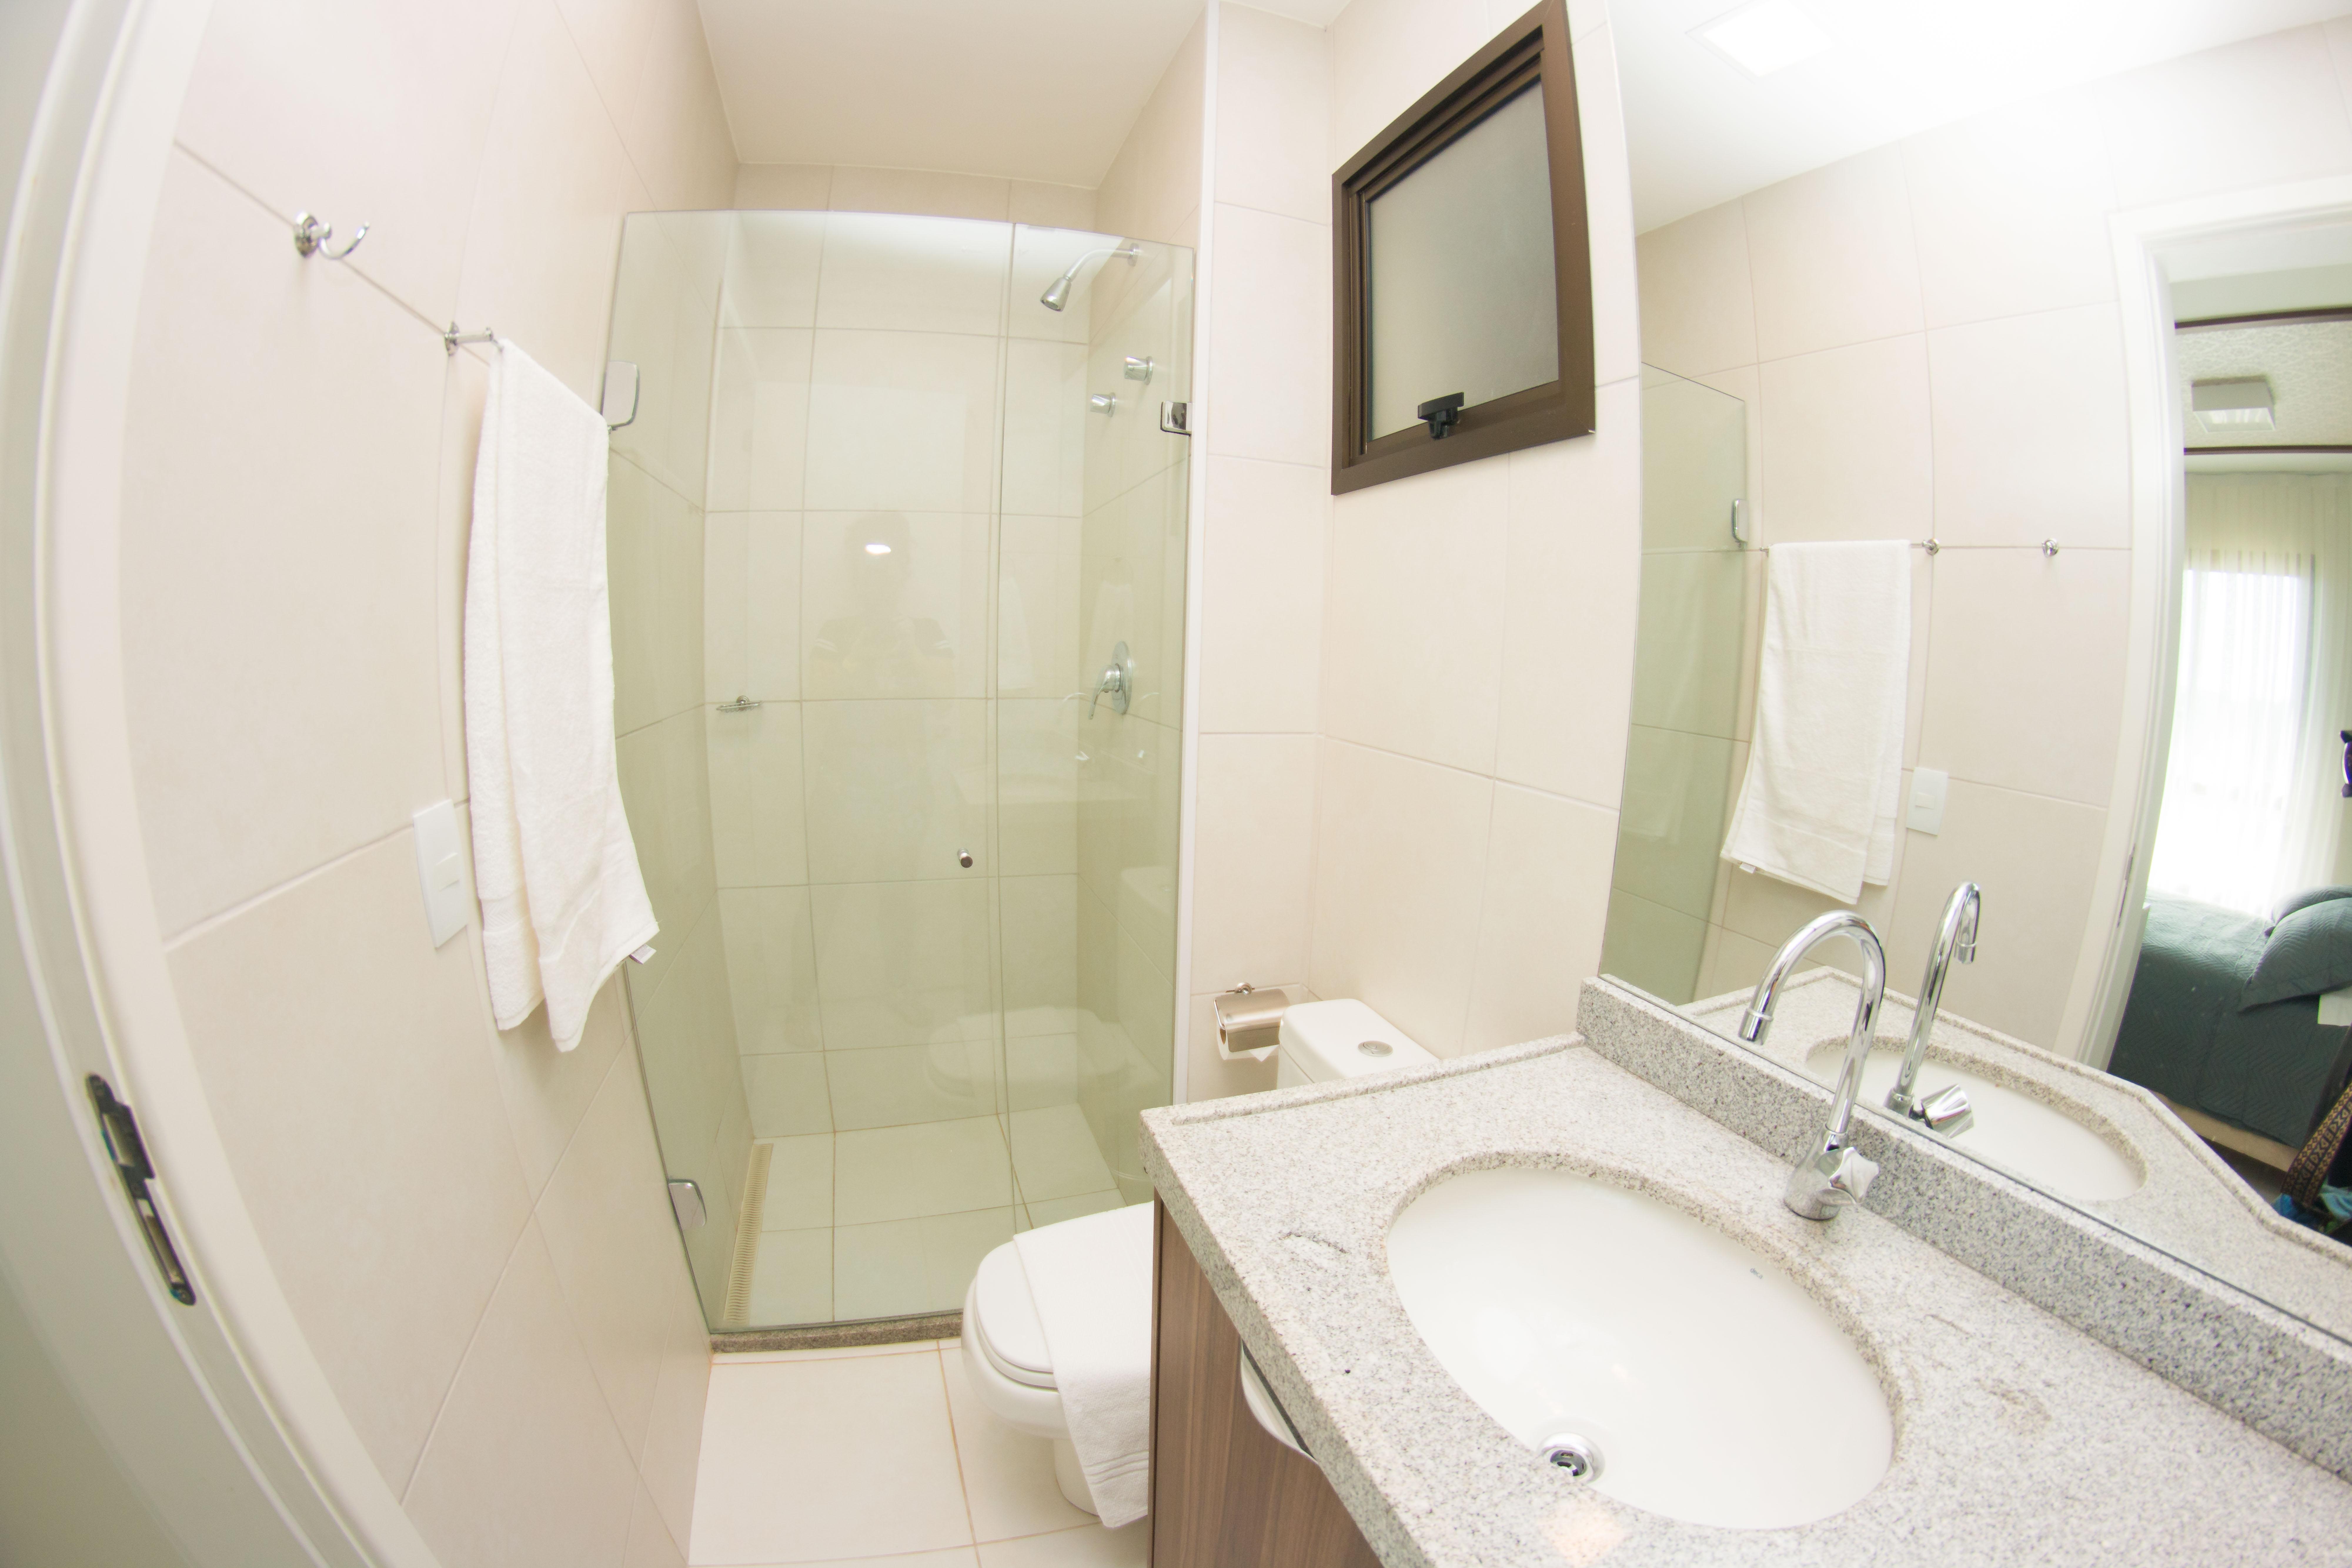 2 diárias na semana (Segunda a Quinta) em apartamento para até 4 pessoas (adulto ou criança) de R$680 por apenas R$430